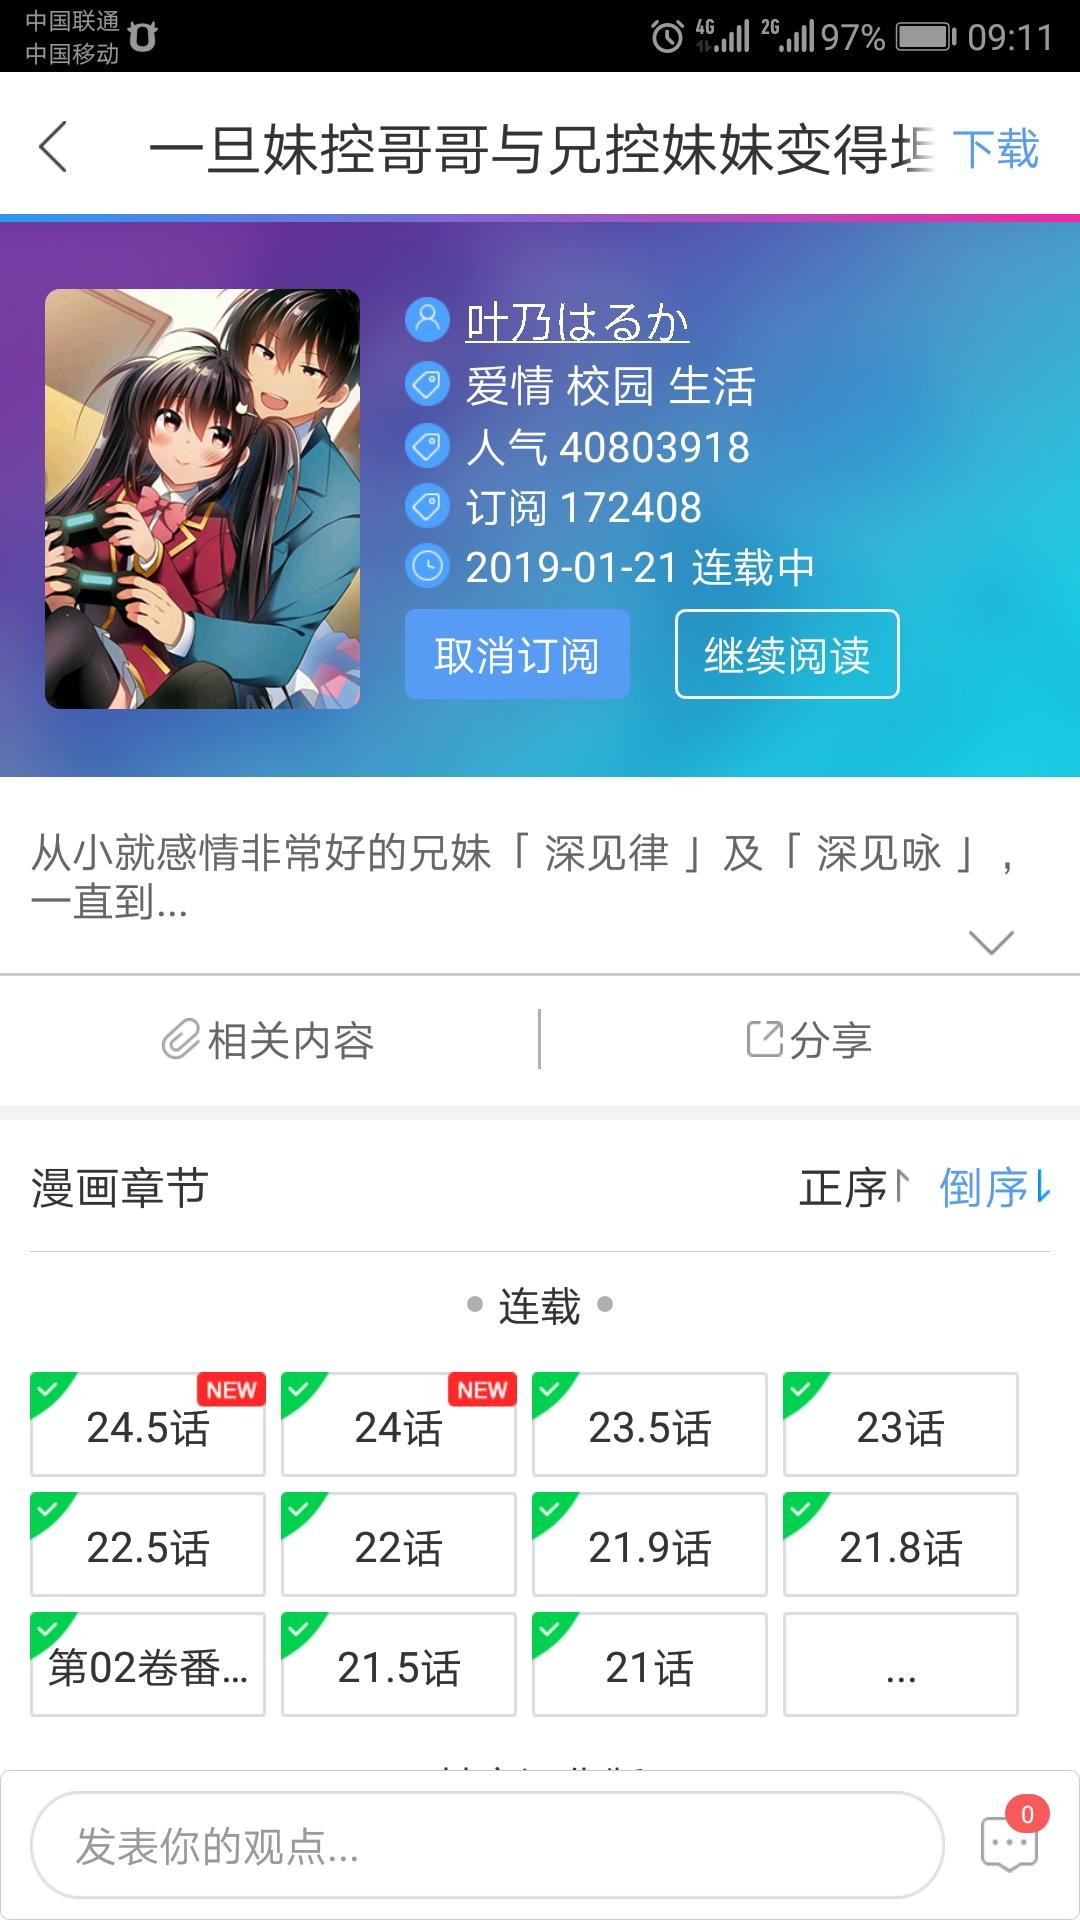 辽宁宏盛机械制造有限公司 - wellbet188|吉祥坊手机